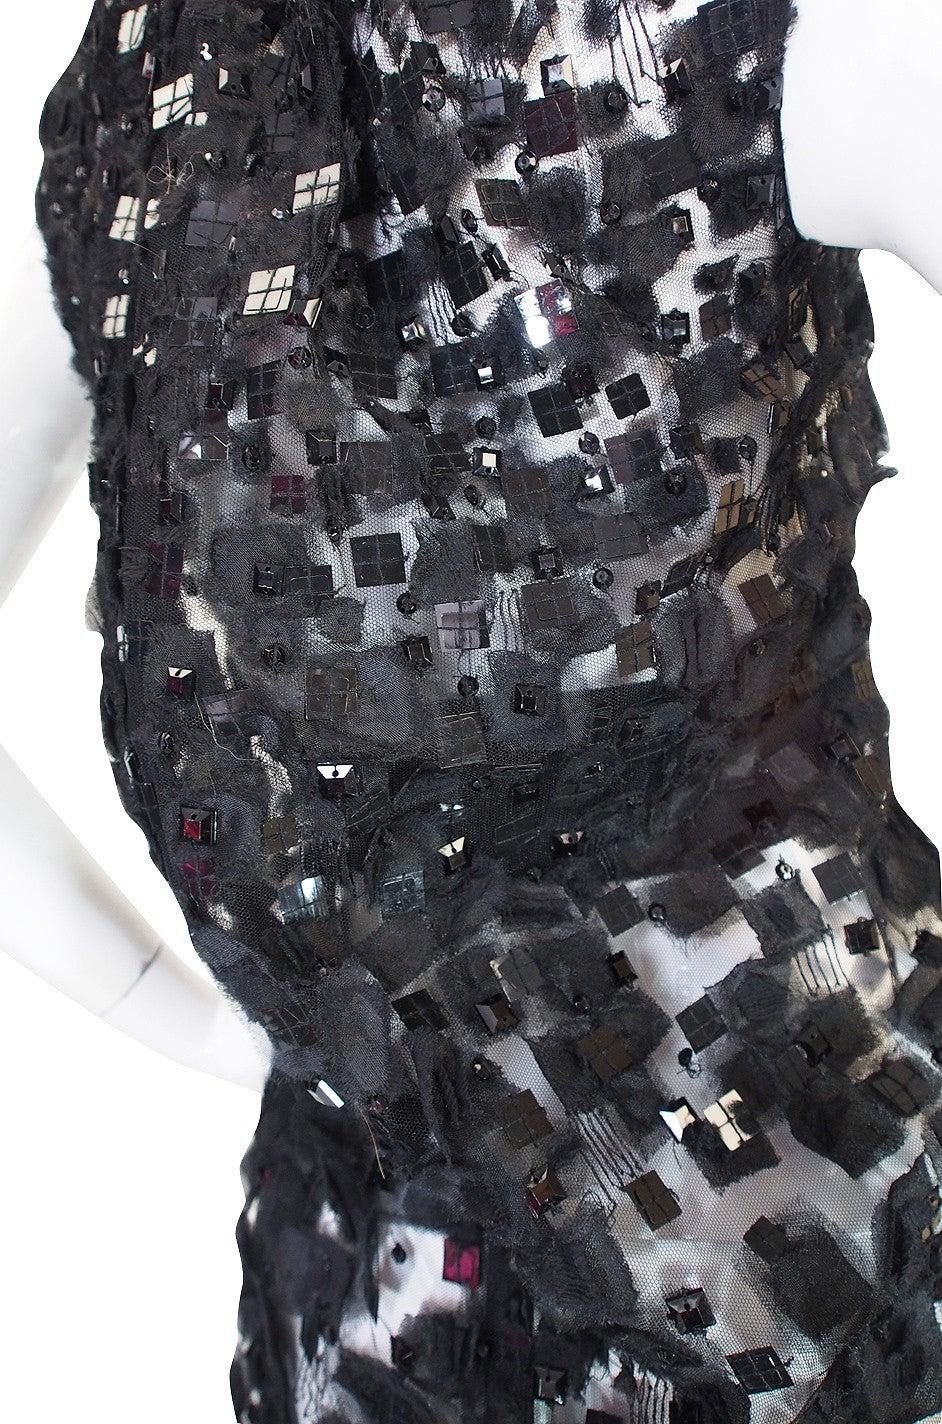 2009 Resort Lace Watteau Oscar De La Renta Dress For Sale 2